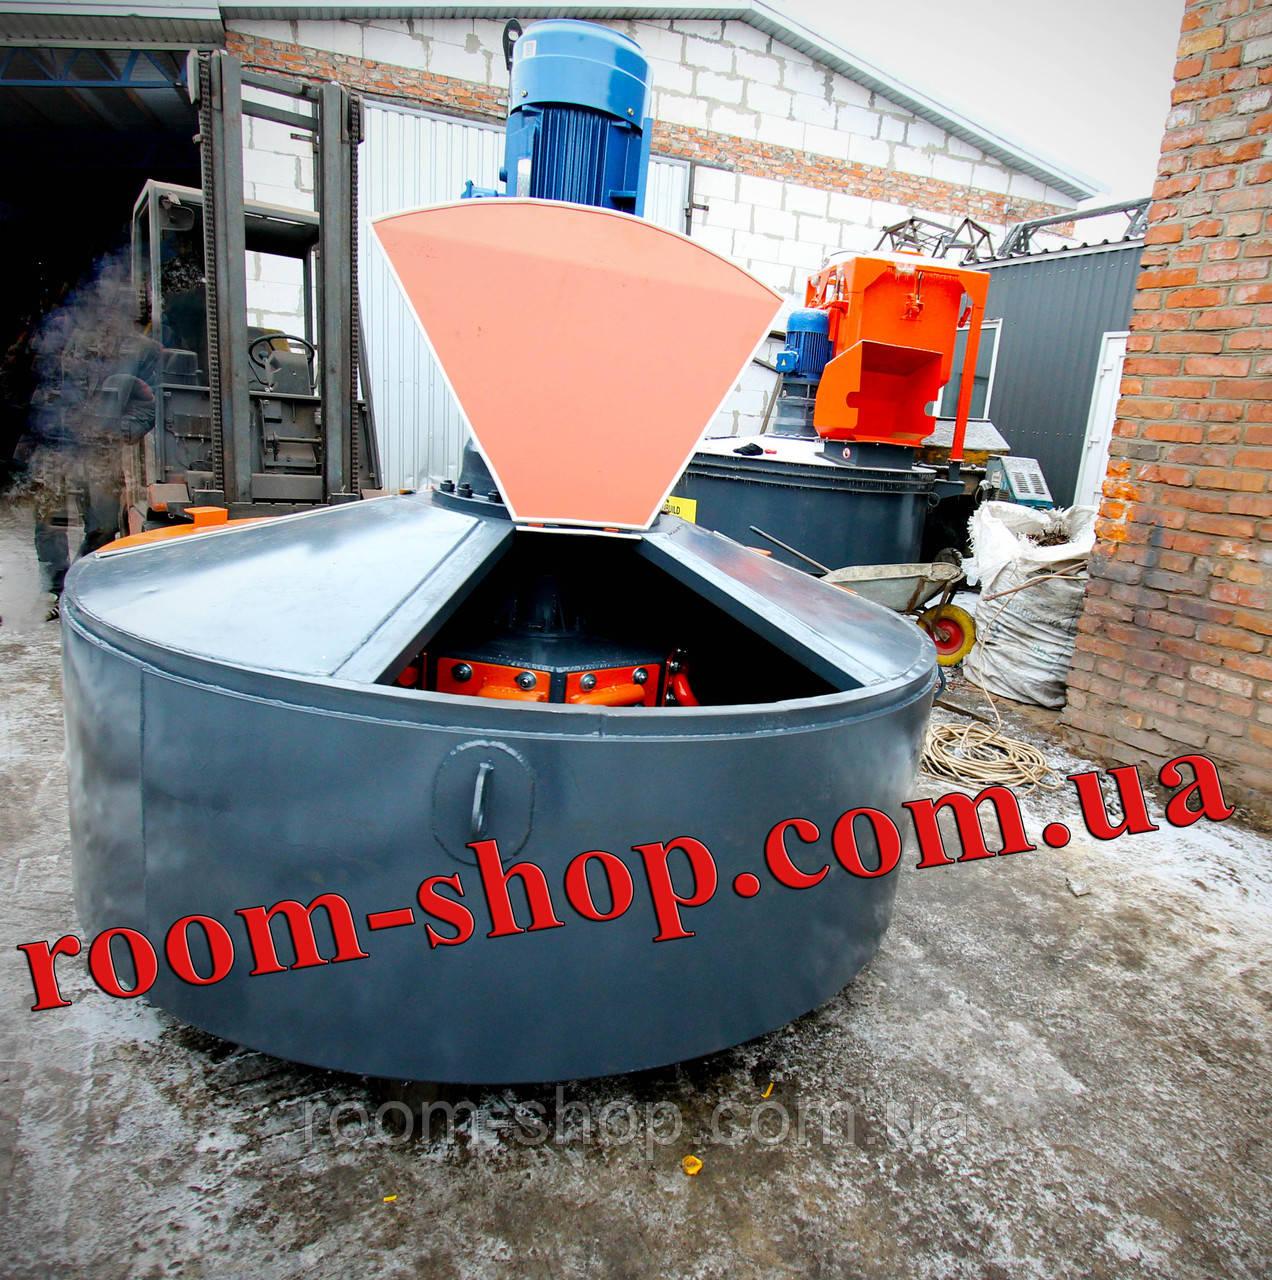 Купить бетон мешалку 180 литров купить готовый бетон с доставкой в москве